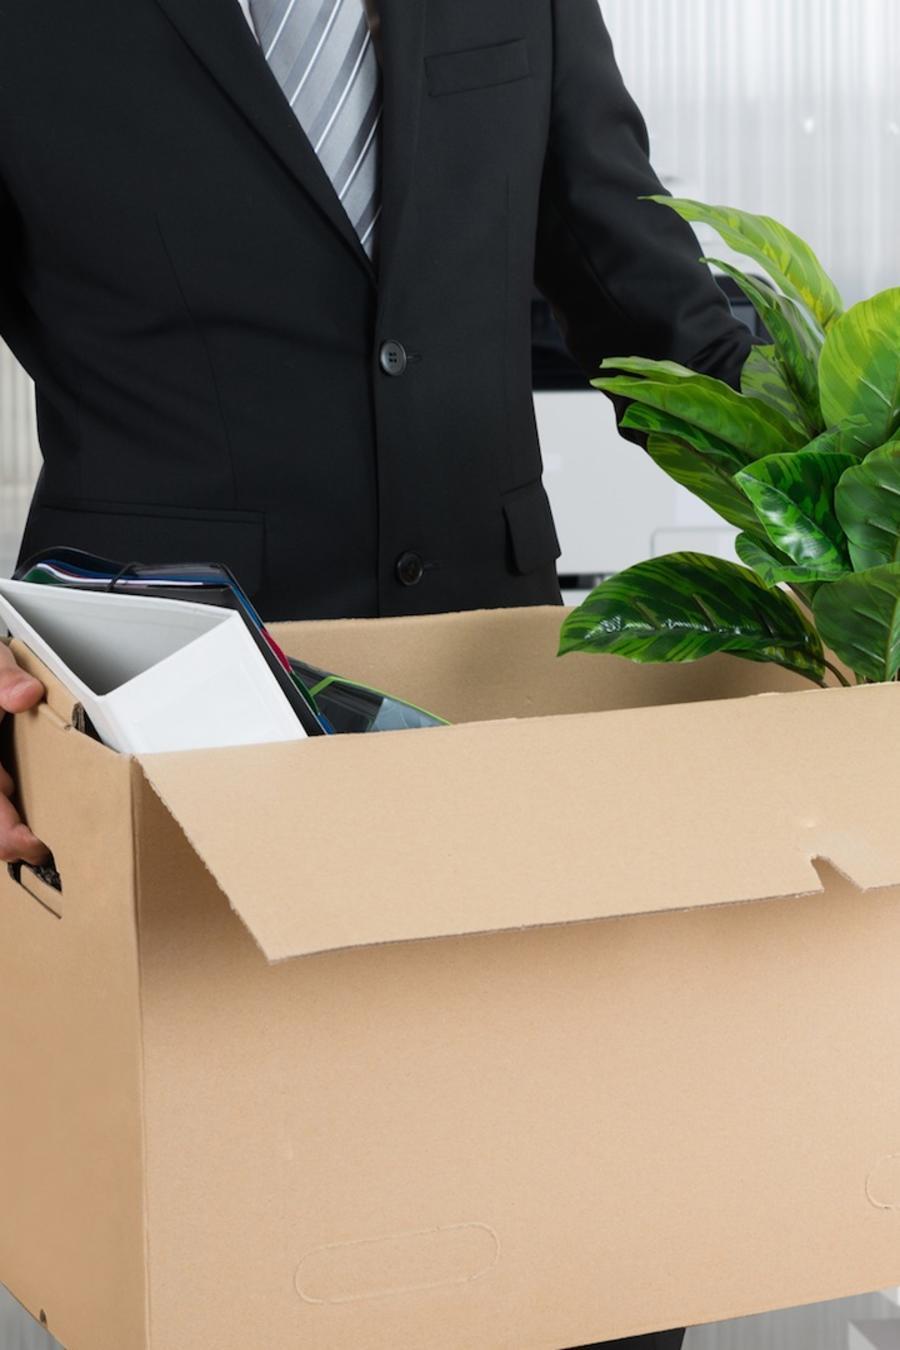 Hombre con sus pertenencias en una caja